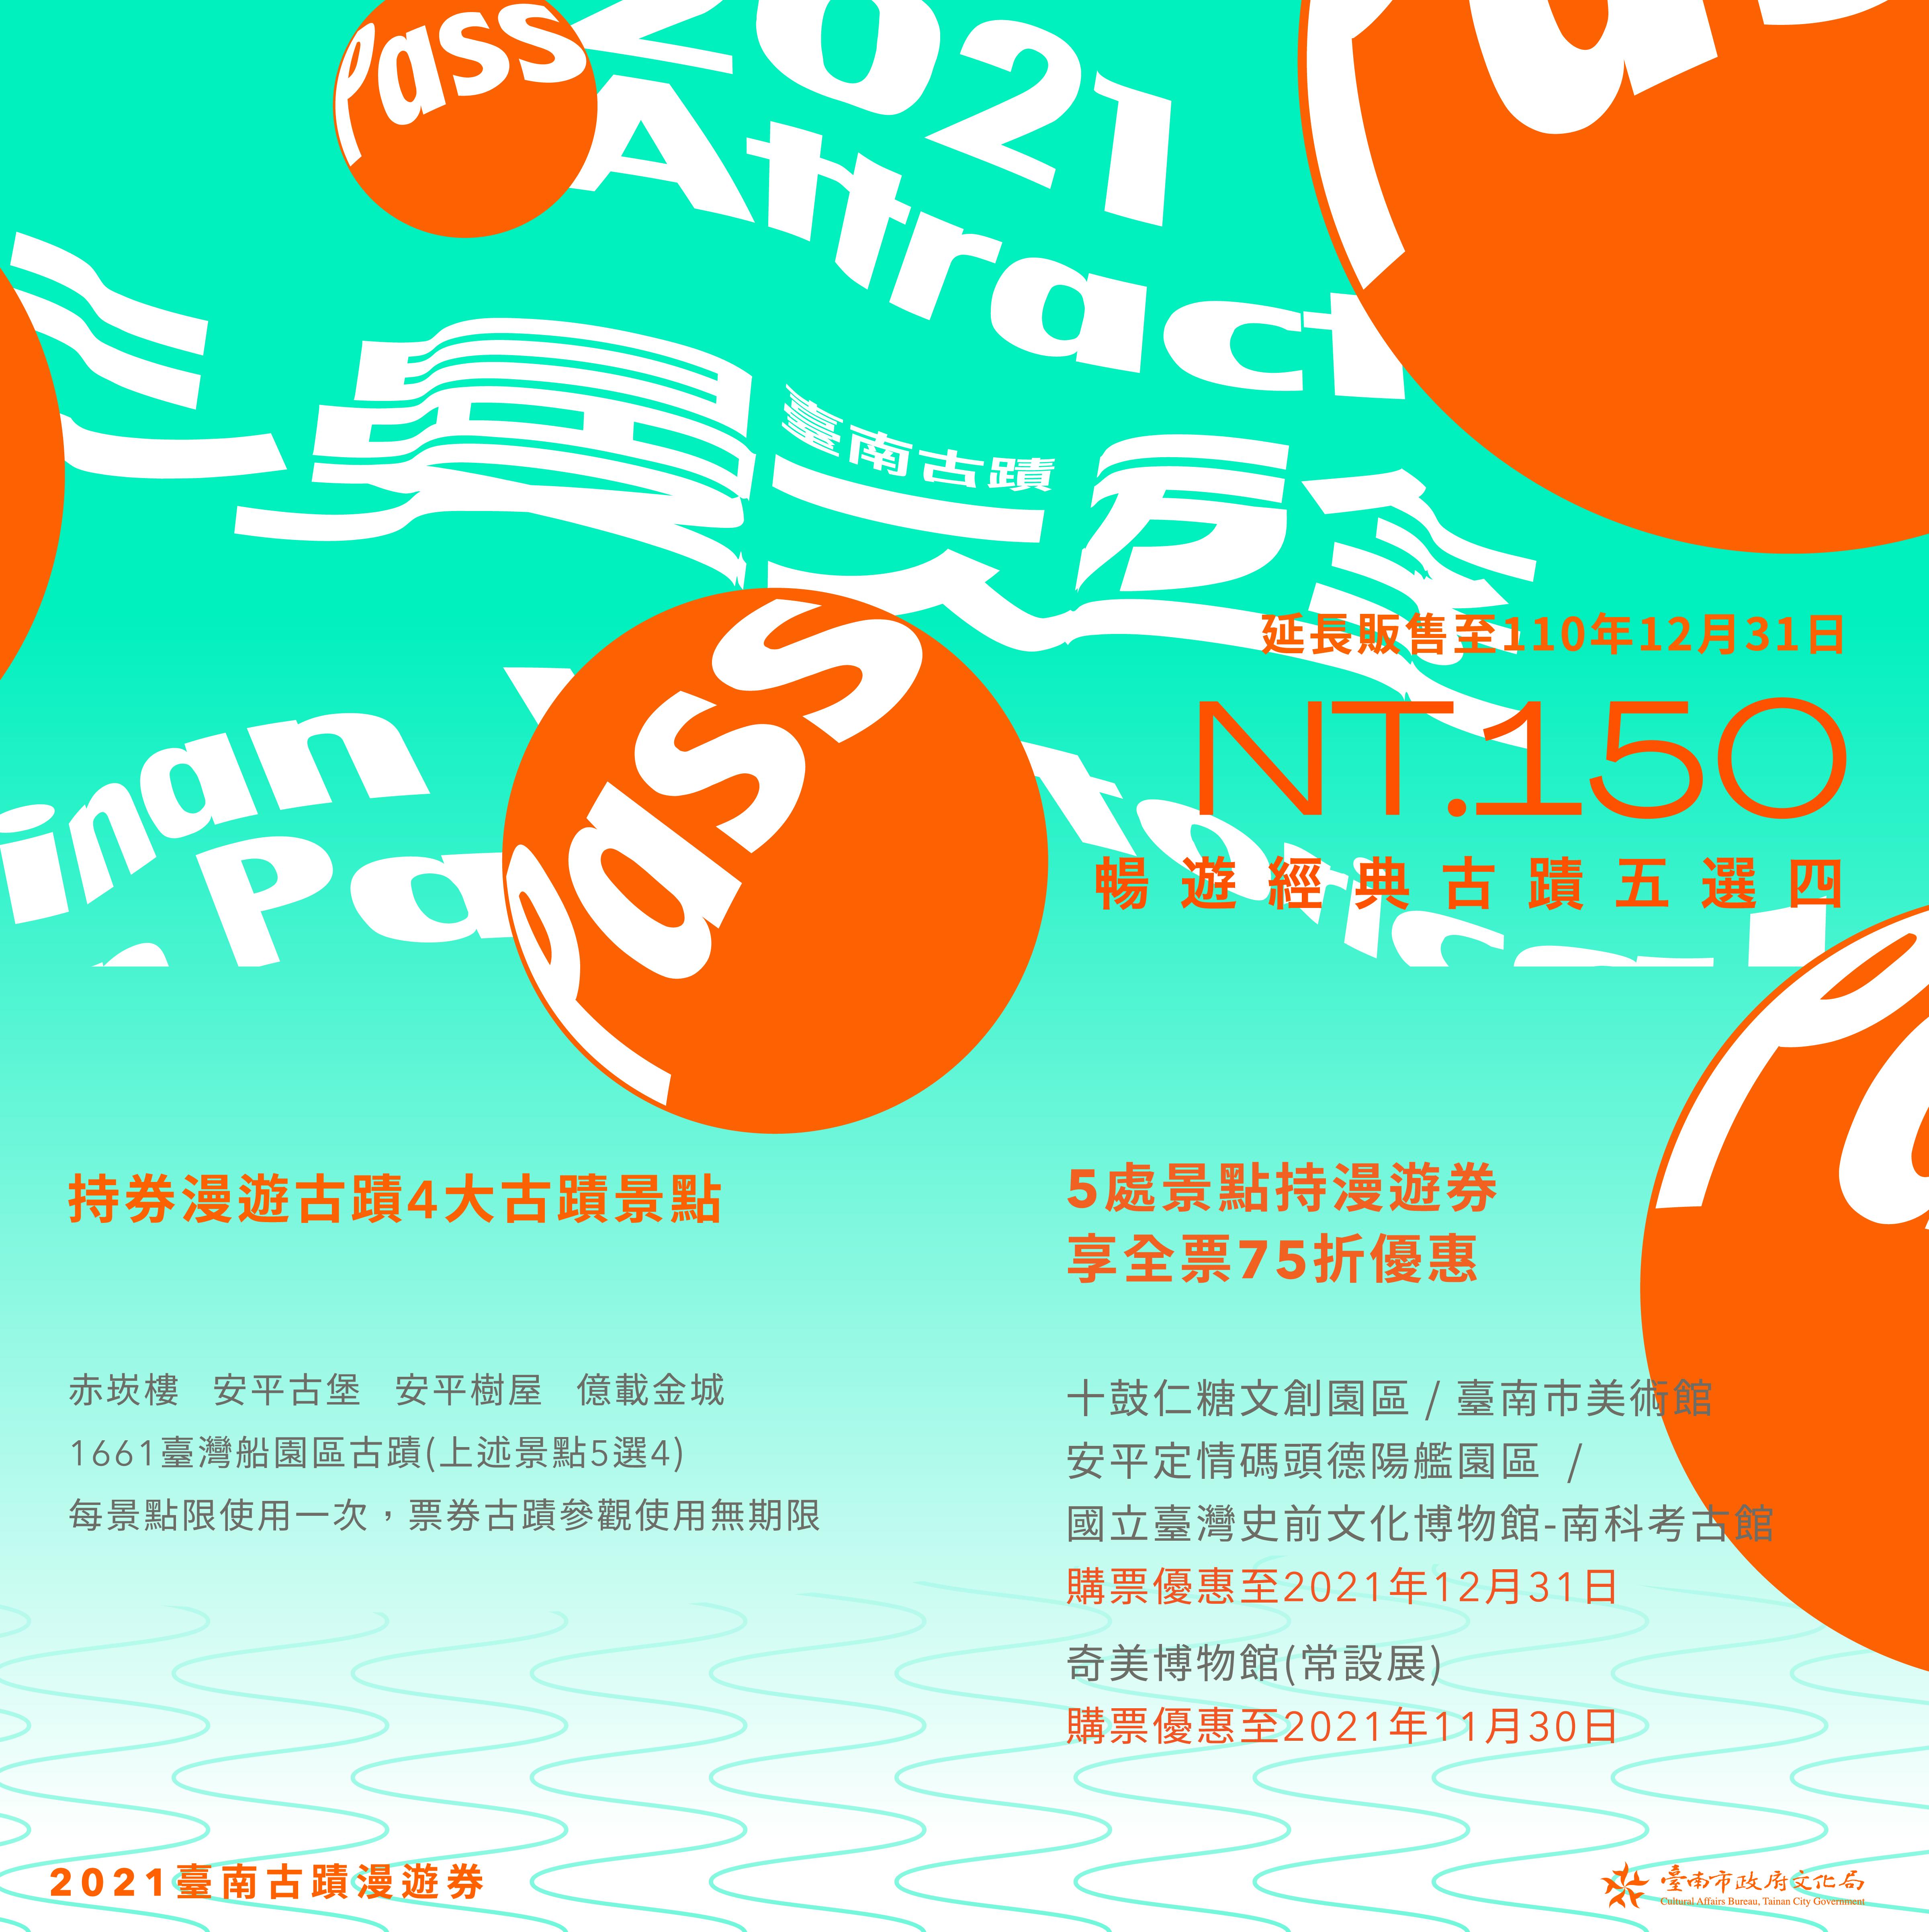 2021臺南古蹟漫遊券延長販售